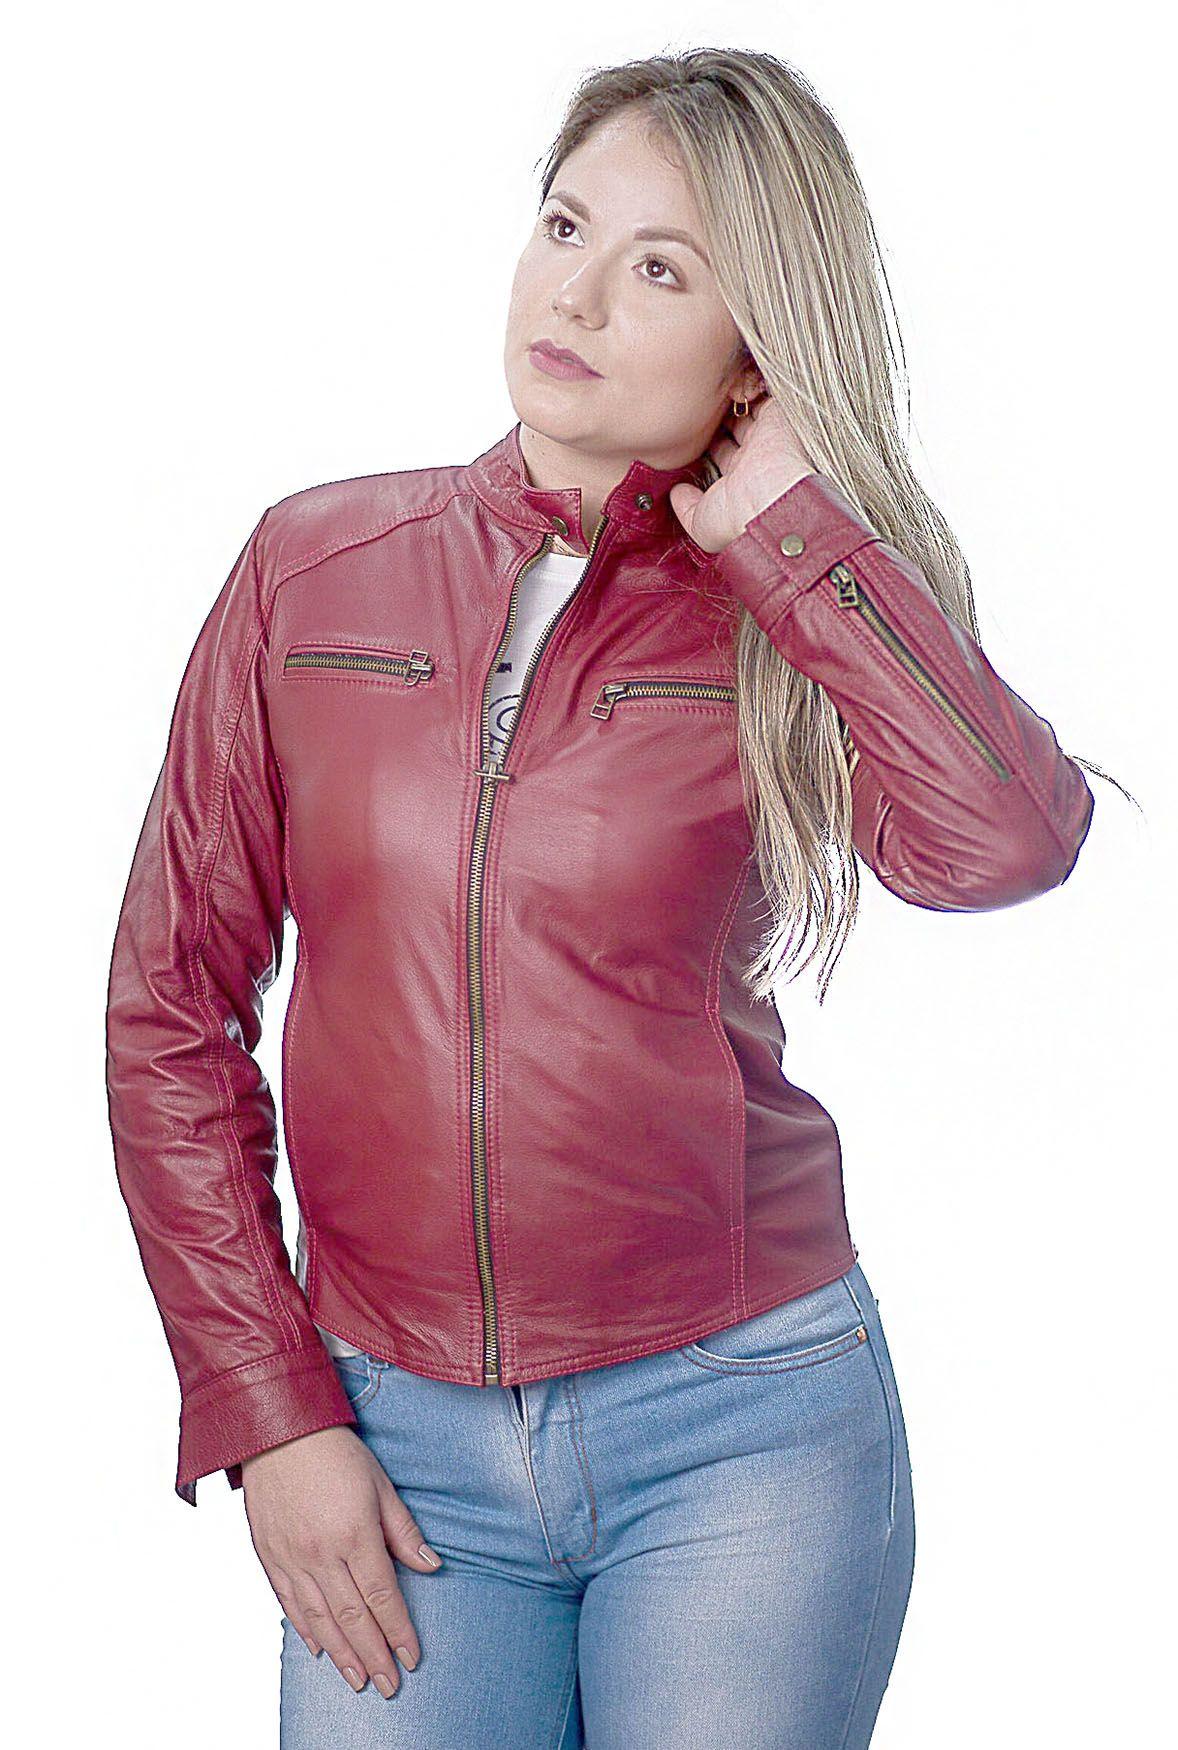 Jaqueta Feminina Prata Couro 107 Vermelha